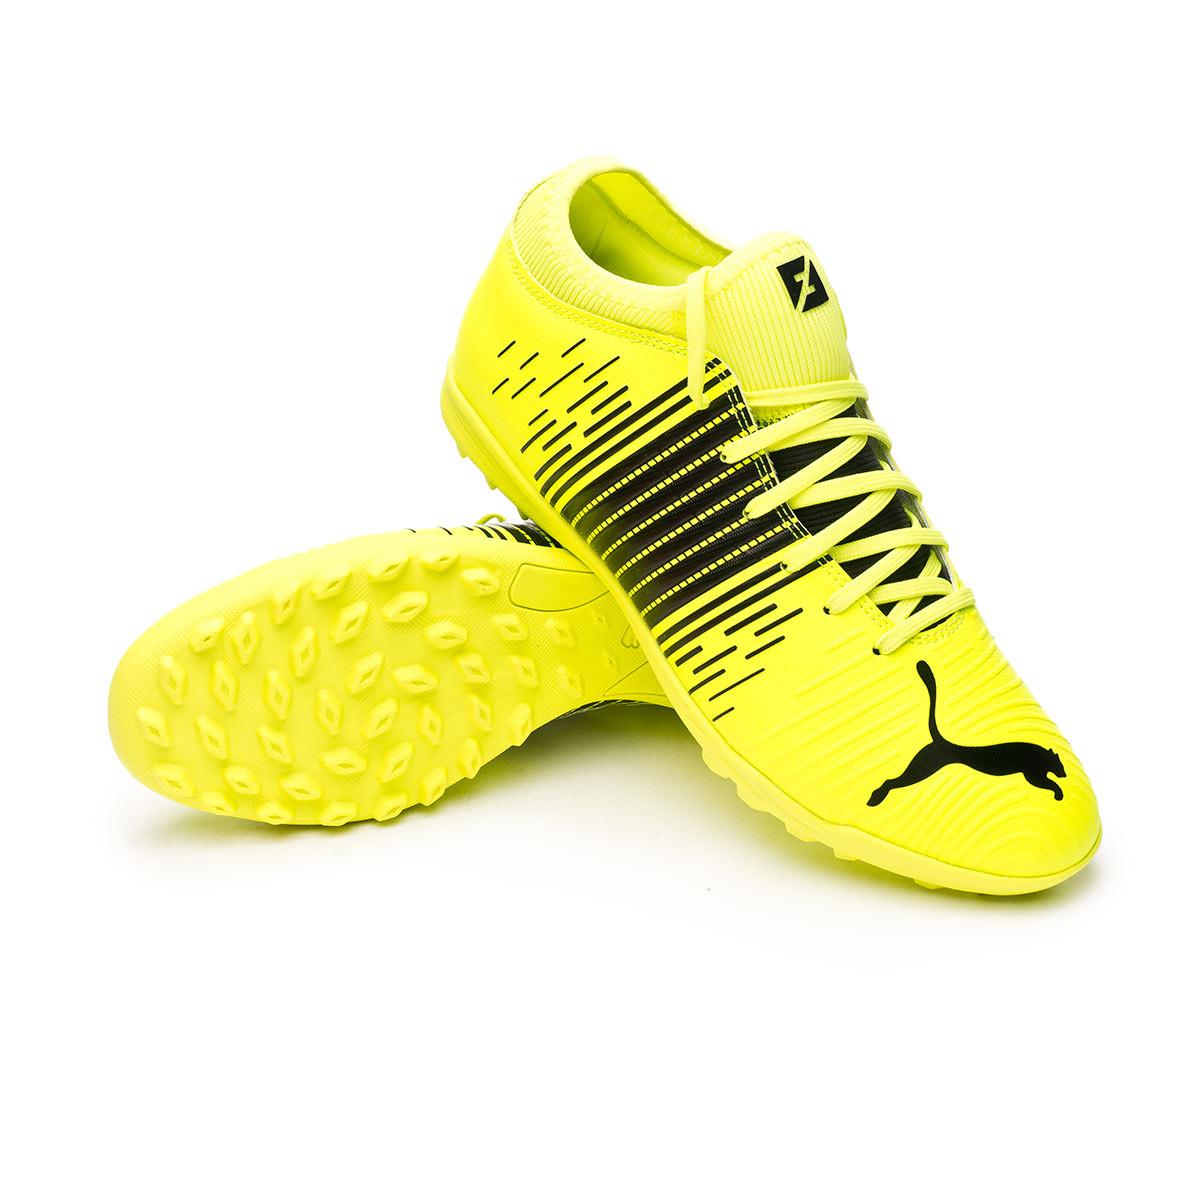 Football Boots Puma Future Z 4.1 Turf Yellow alert-Puma black-Puma ...